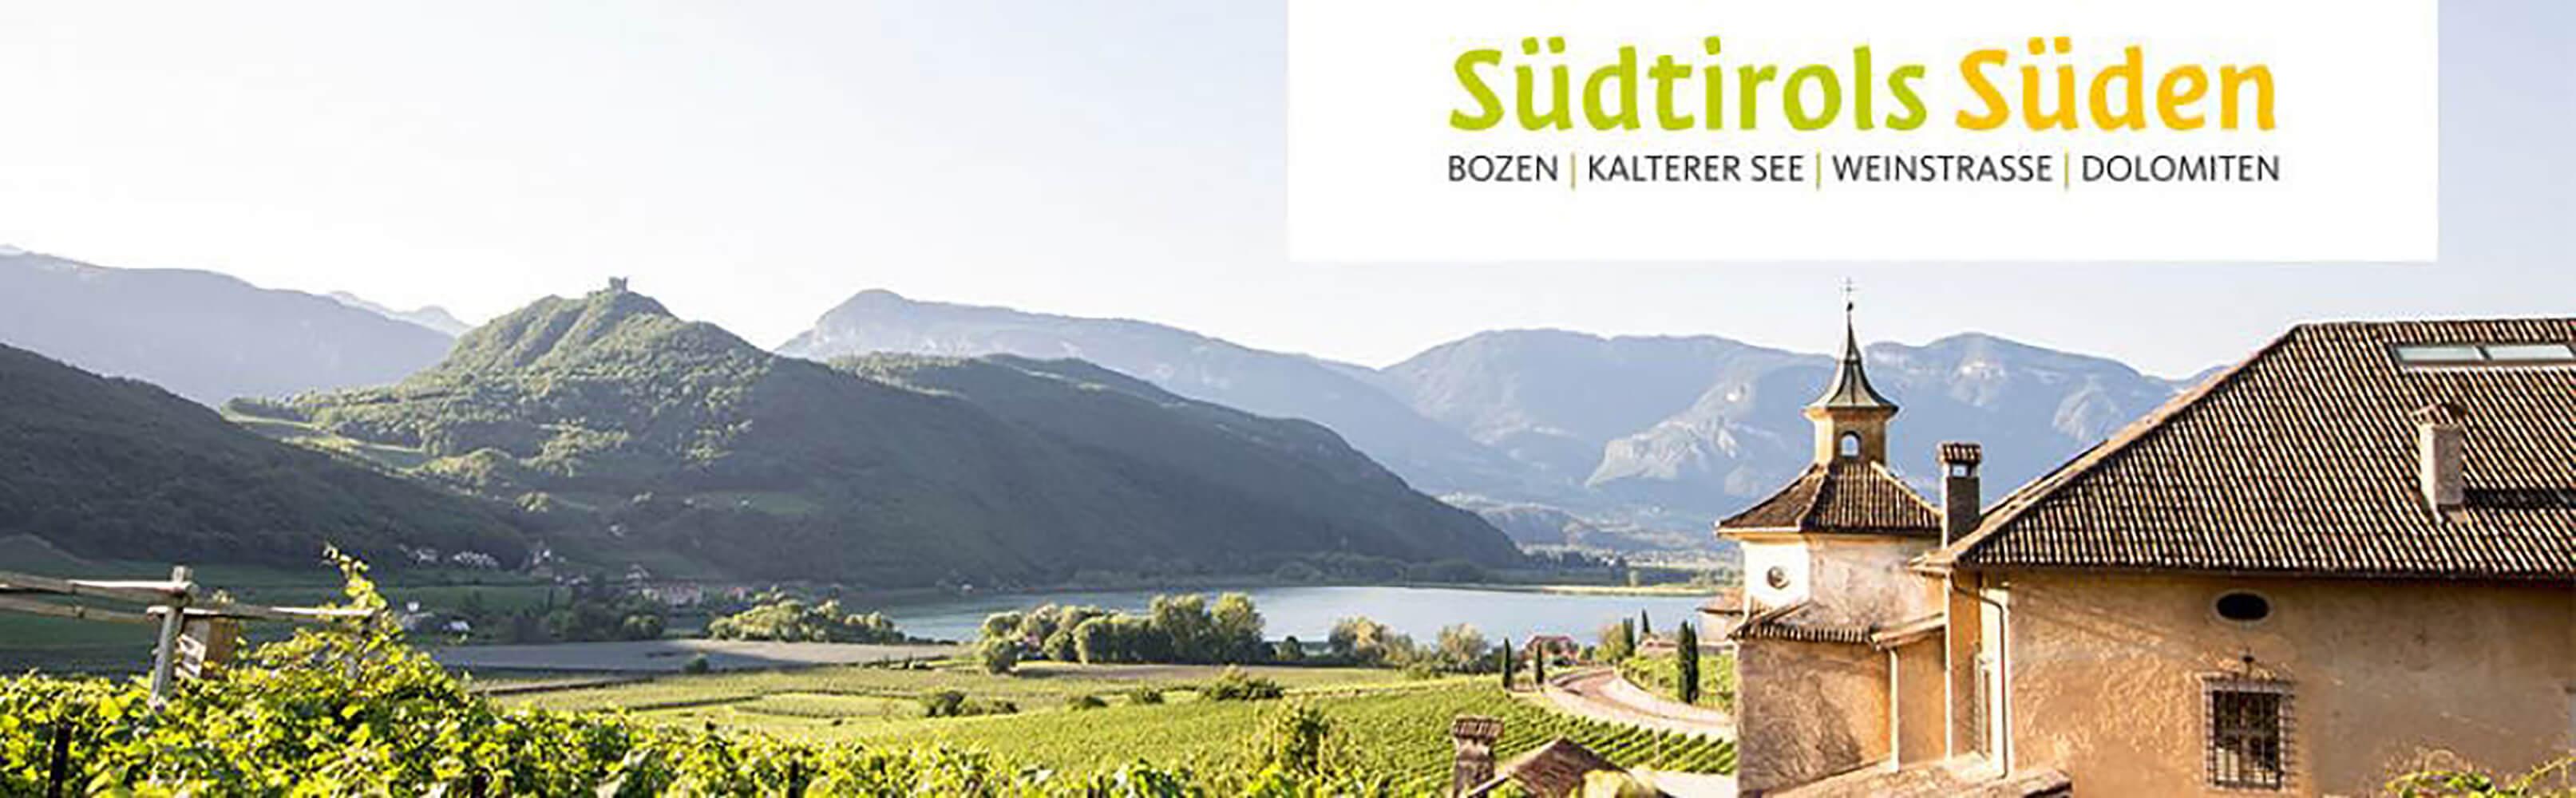 Genussurlaub auf der Südseite der Alpen 1